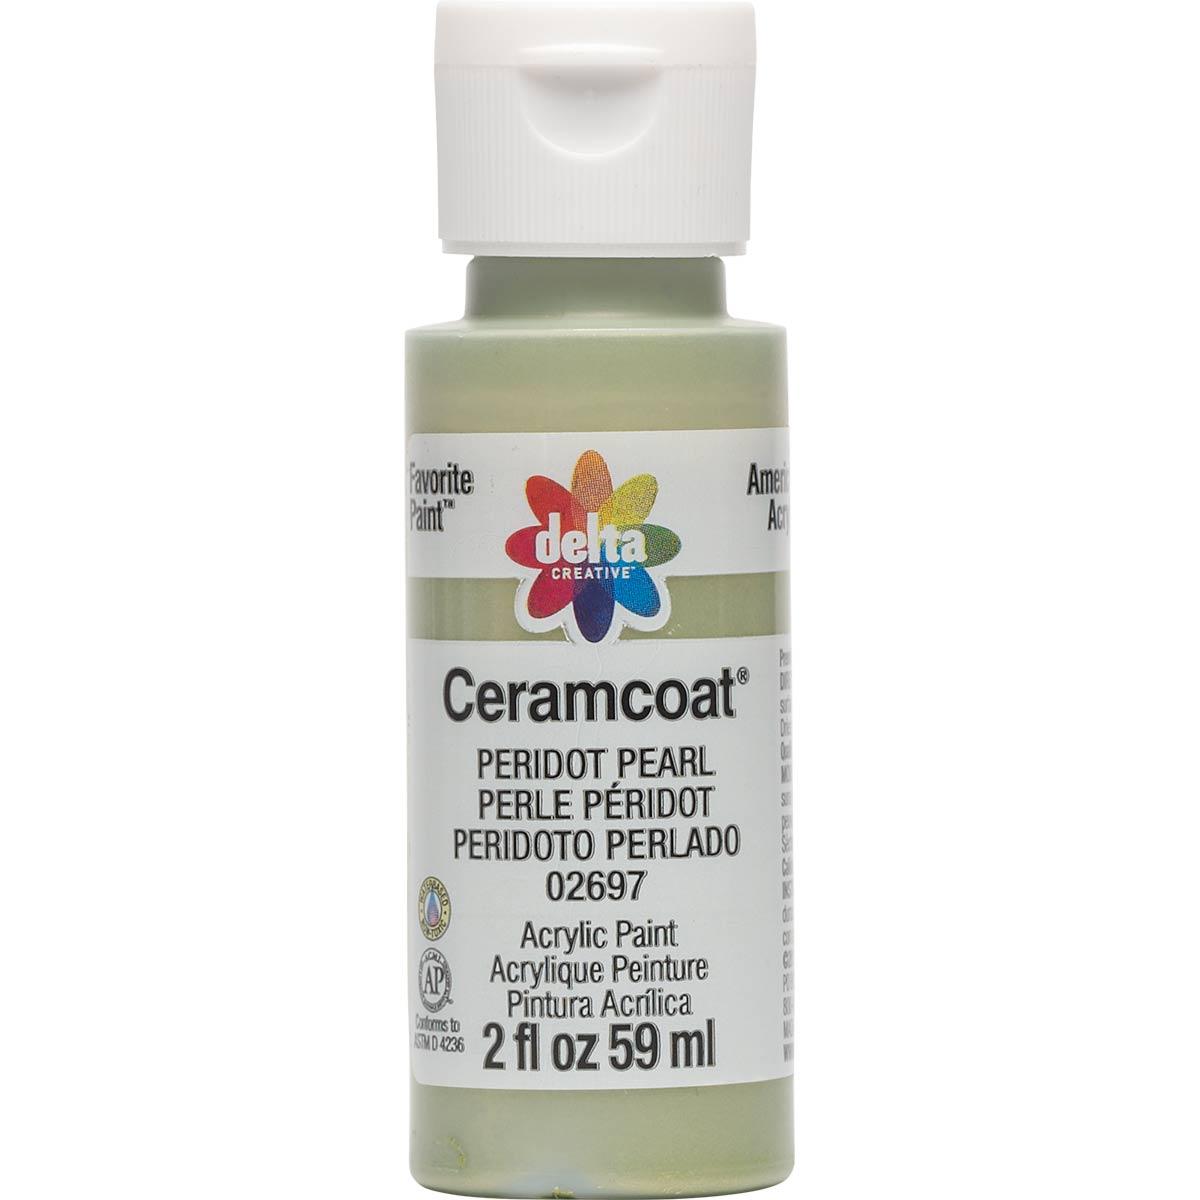 Delta Ceramcoat ® Acrylic Paint - Peridot Pearl, 2 oz. - 02697